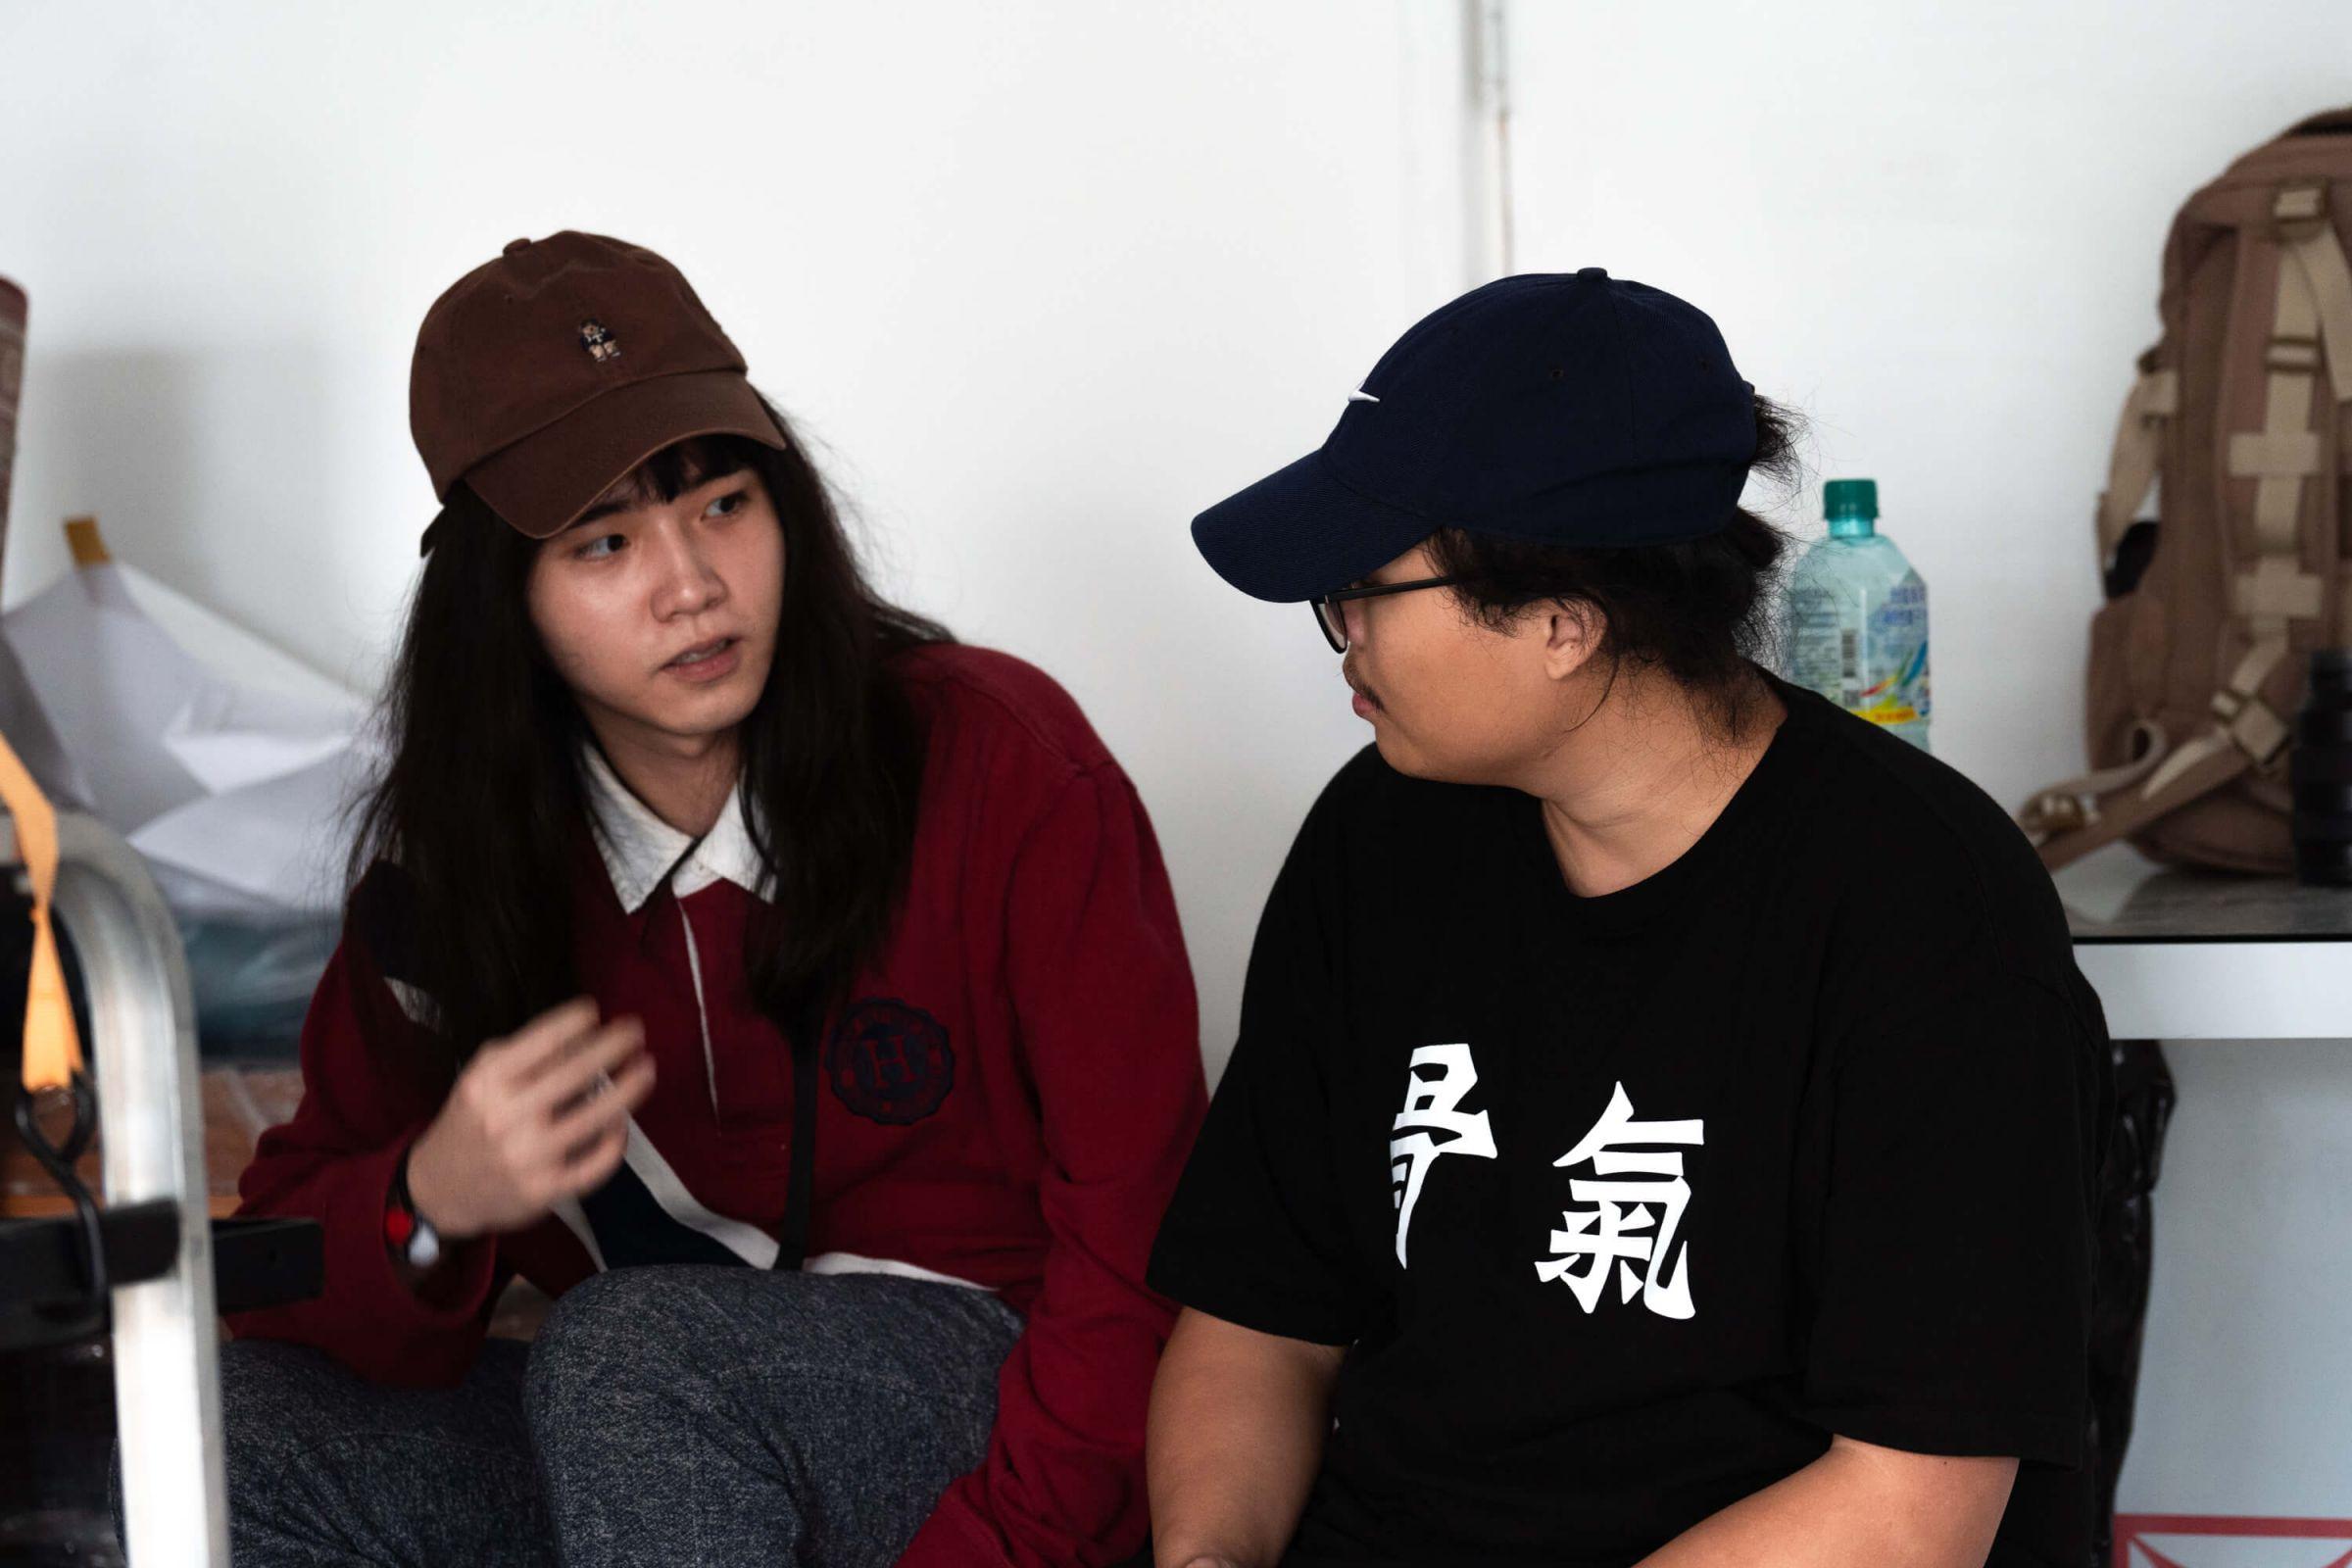 持修新单曲「日期曝光」 MV献出第一次:很兴奋!